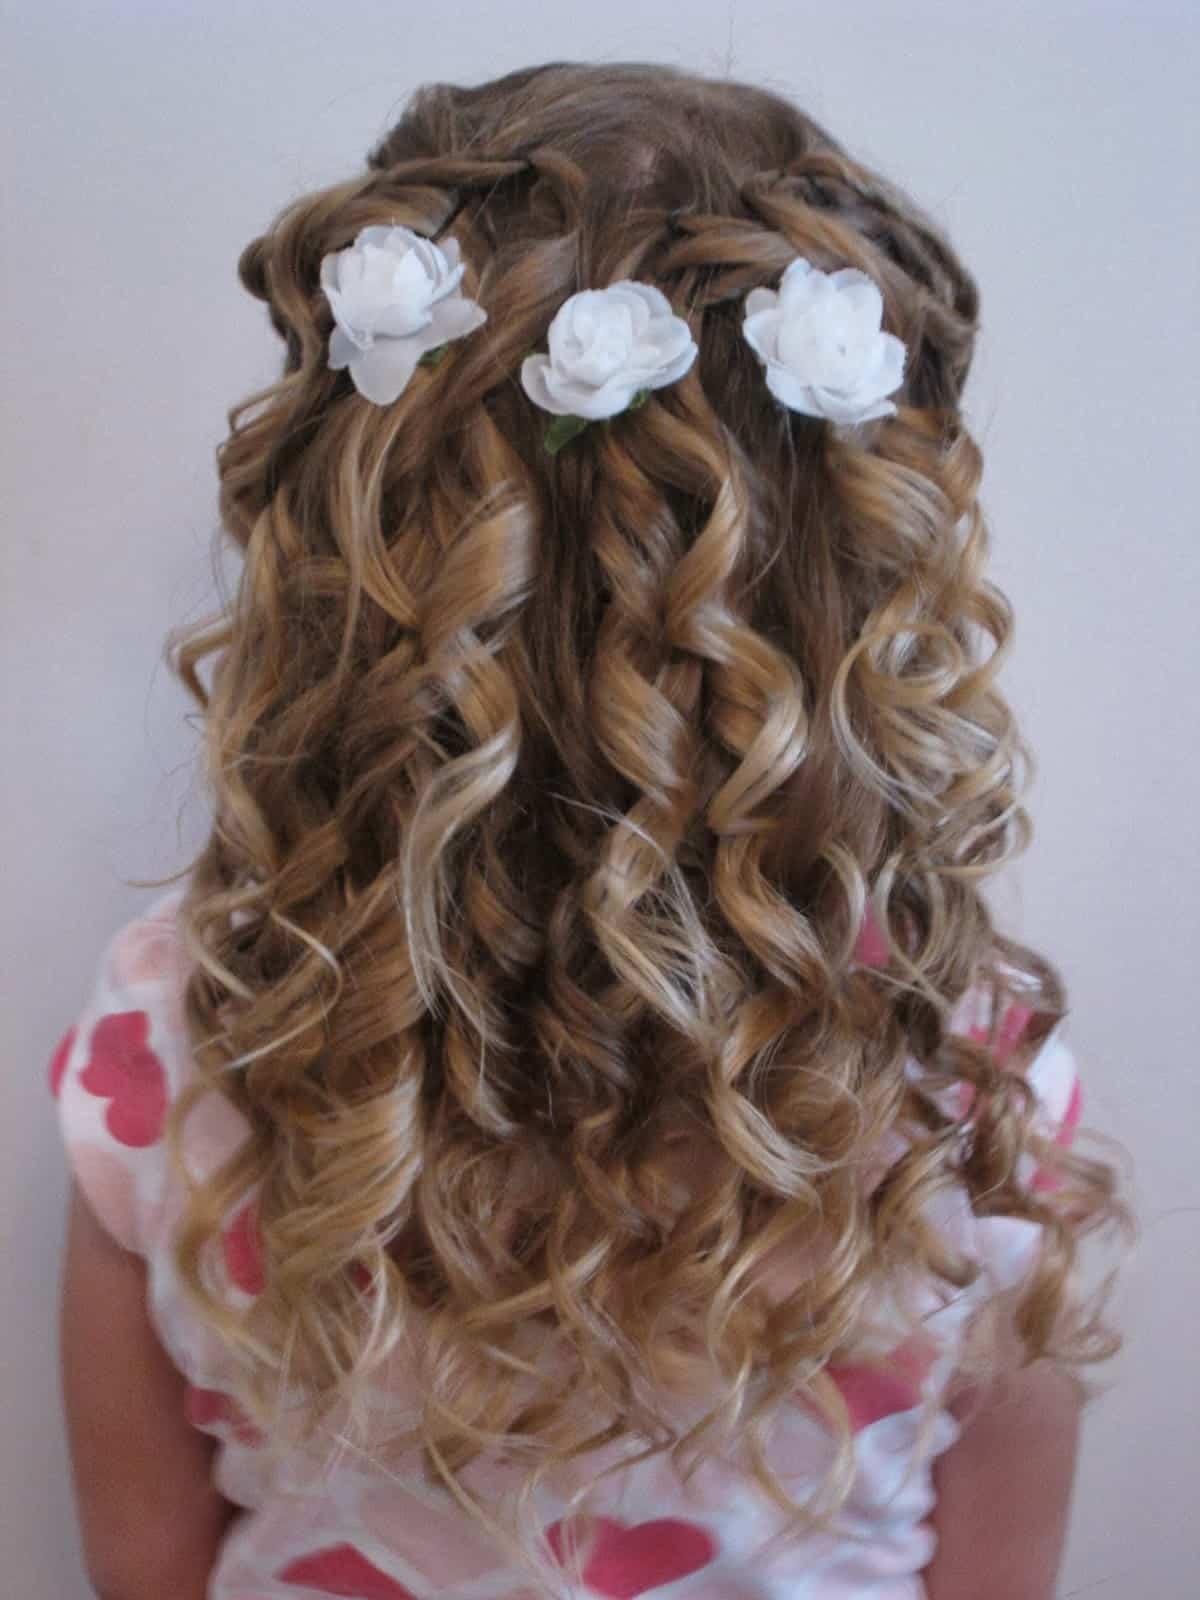 Причёска на свадьбу для девочки видео